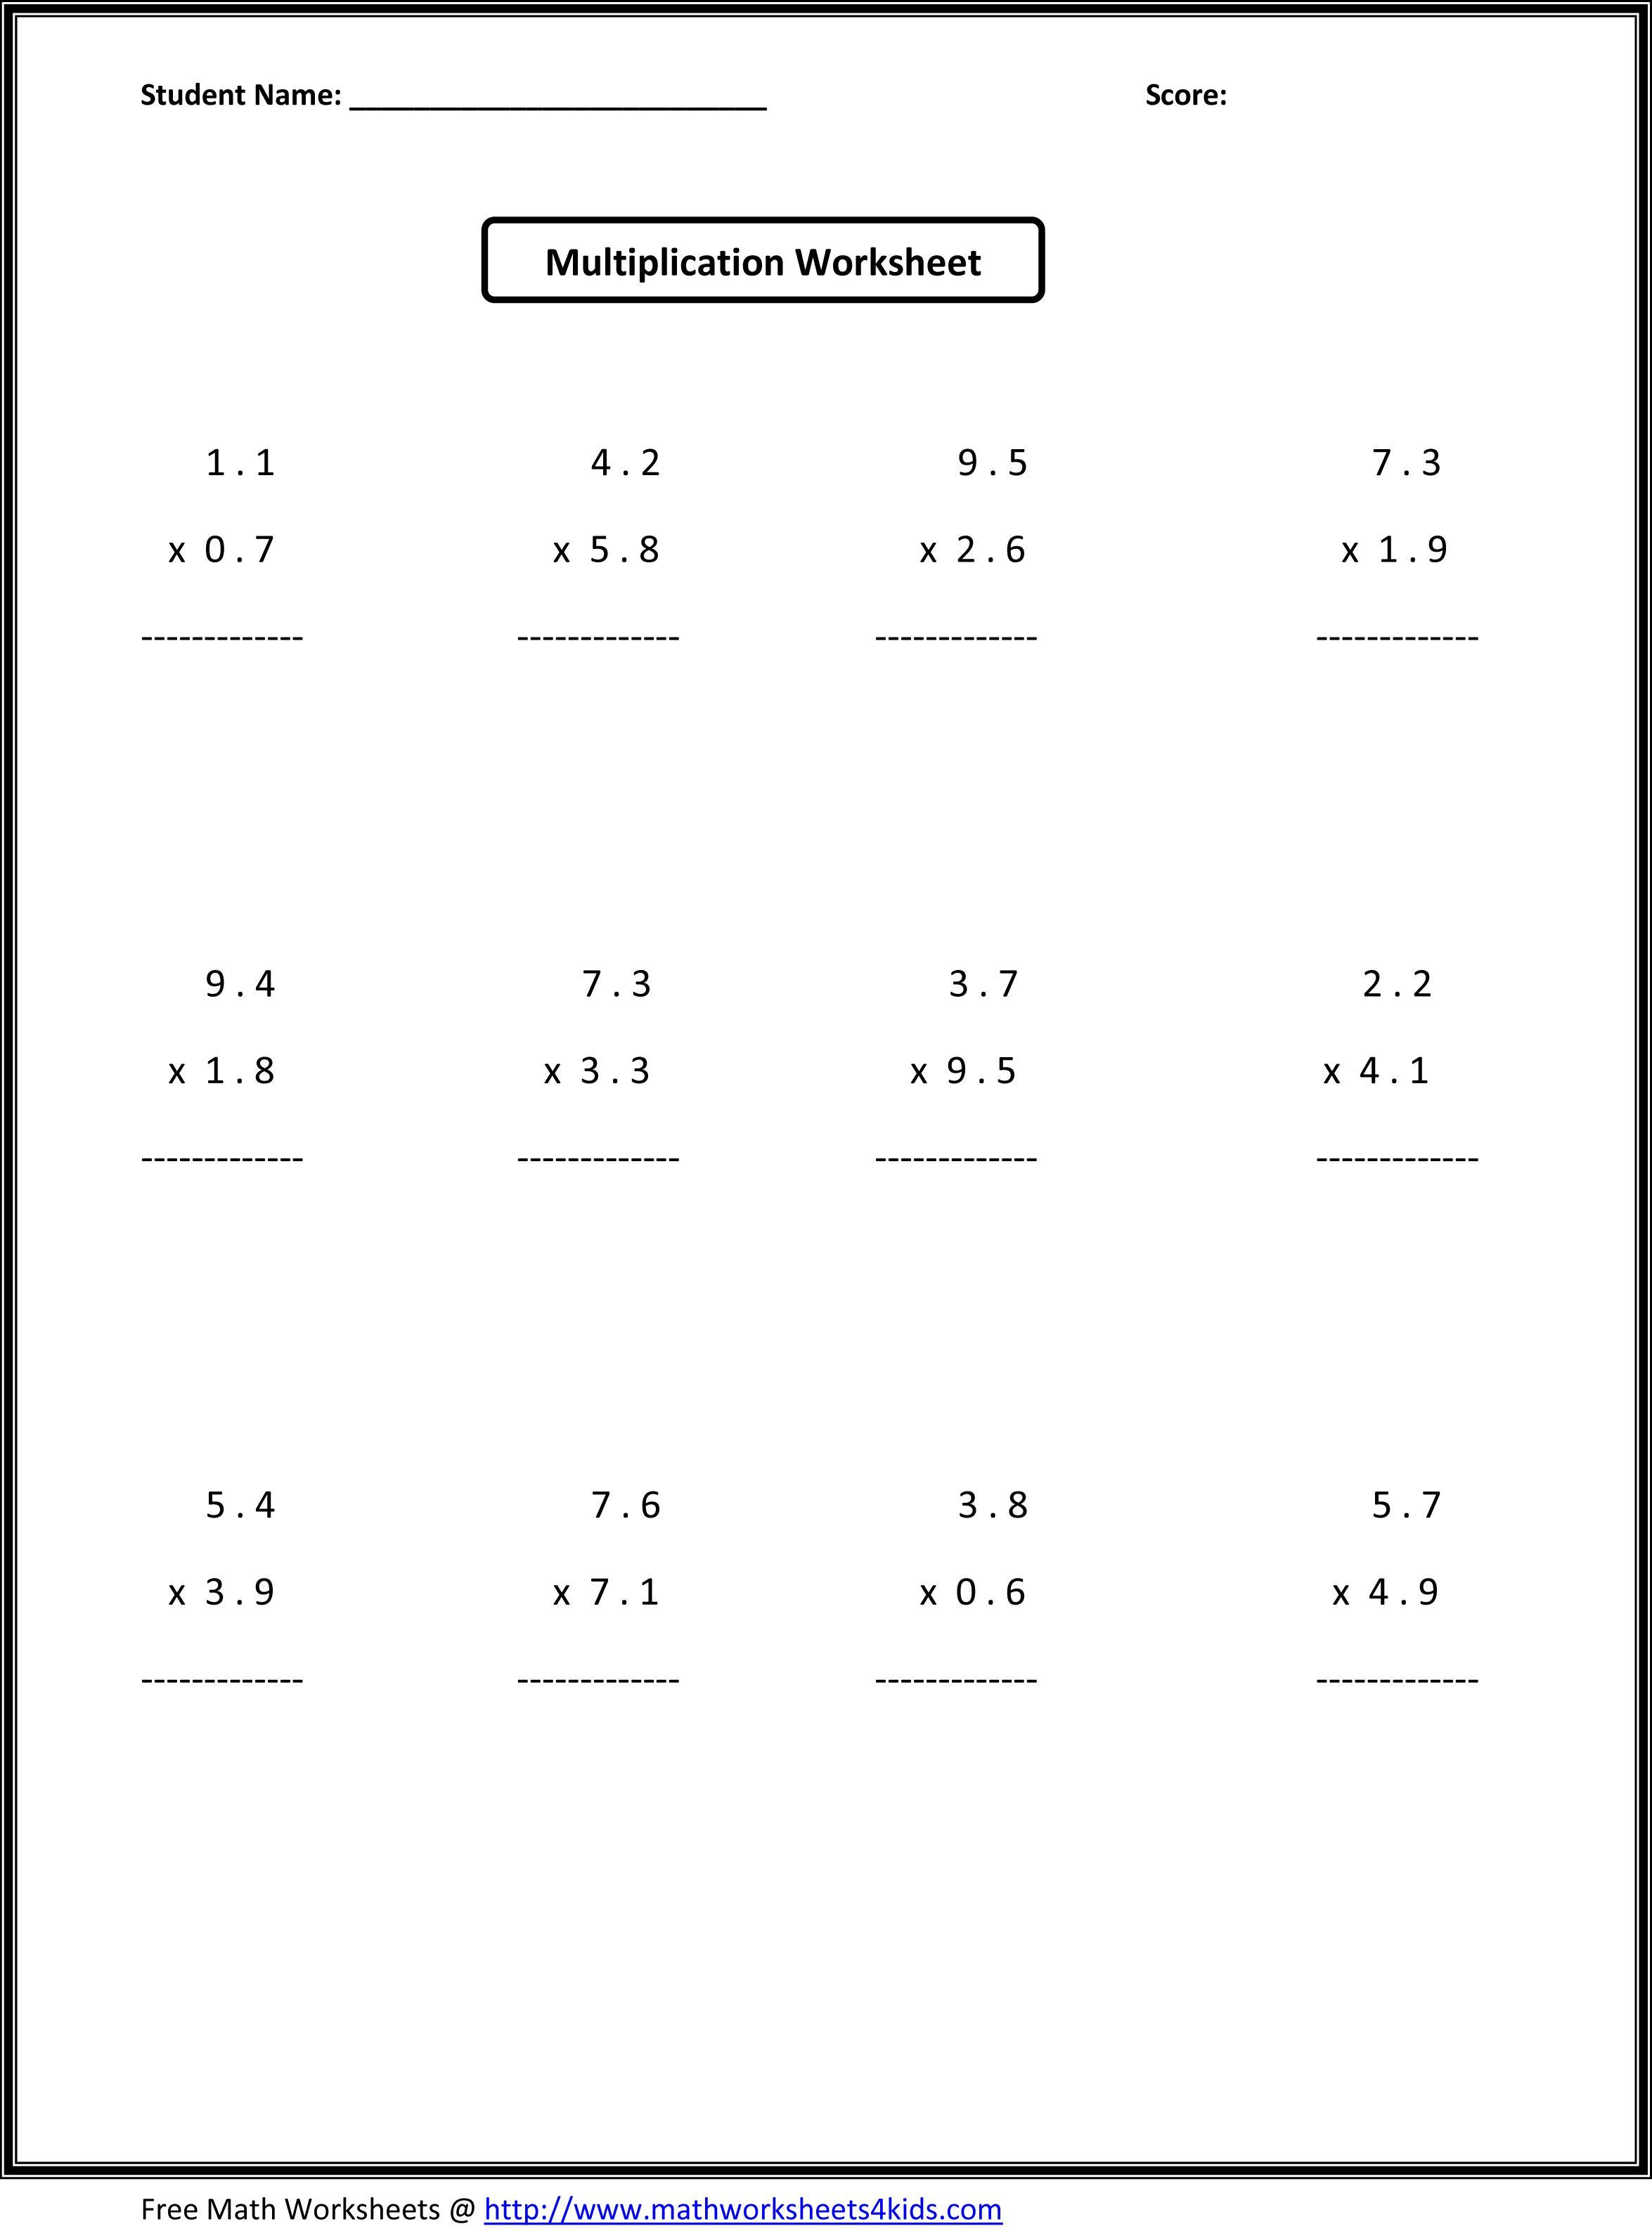 7Th Grade Math Worksheets   Value Worksheets Absolute Value   7Th Grade Printable Worksheets